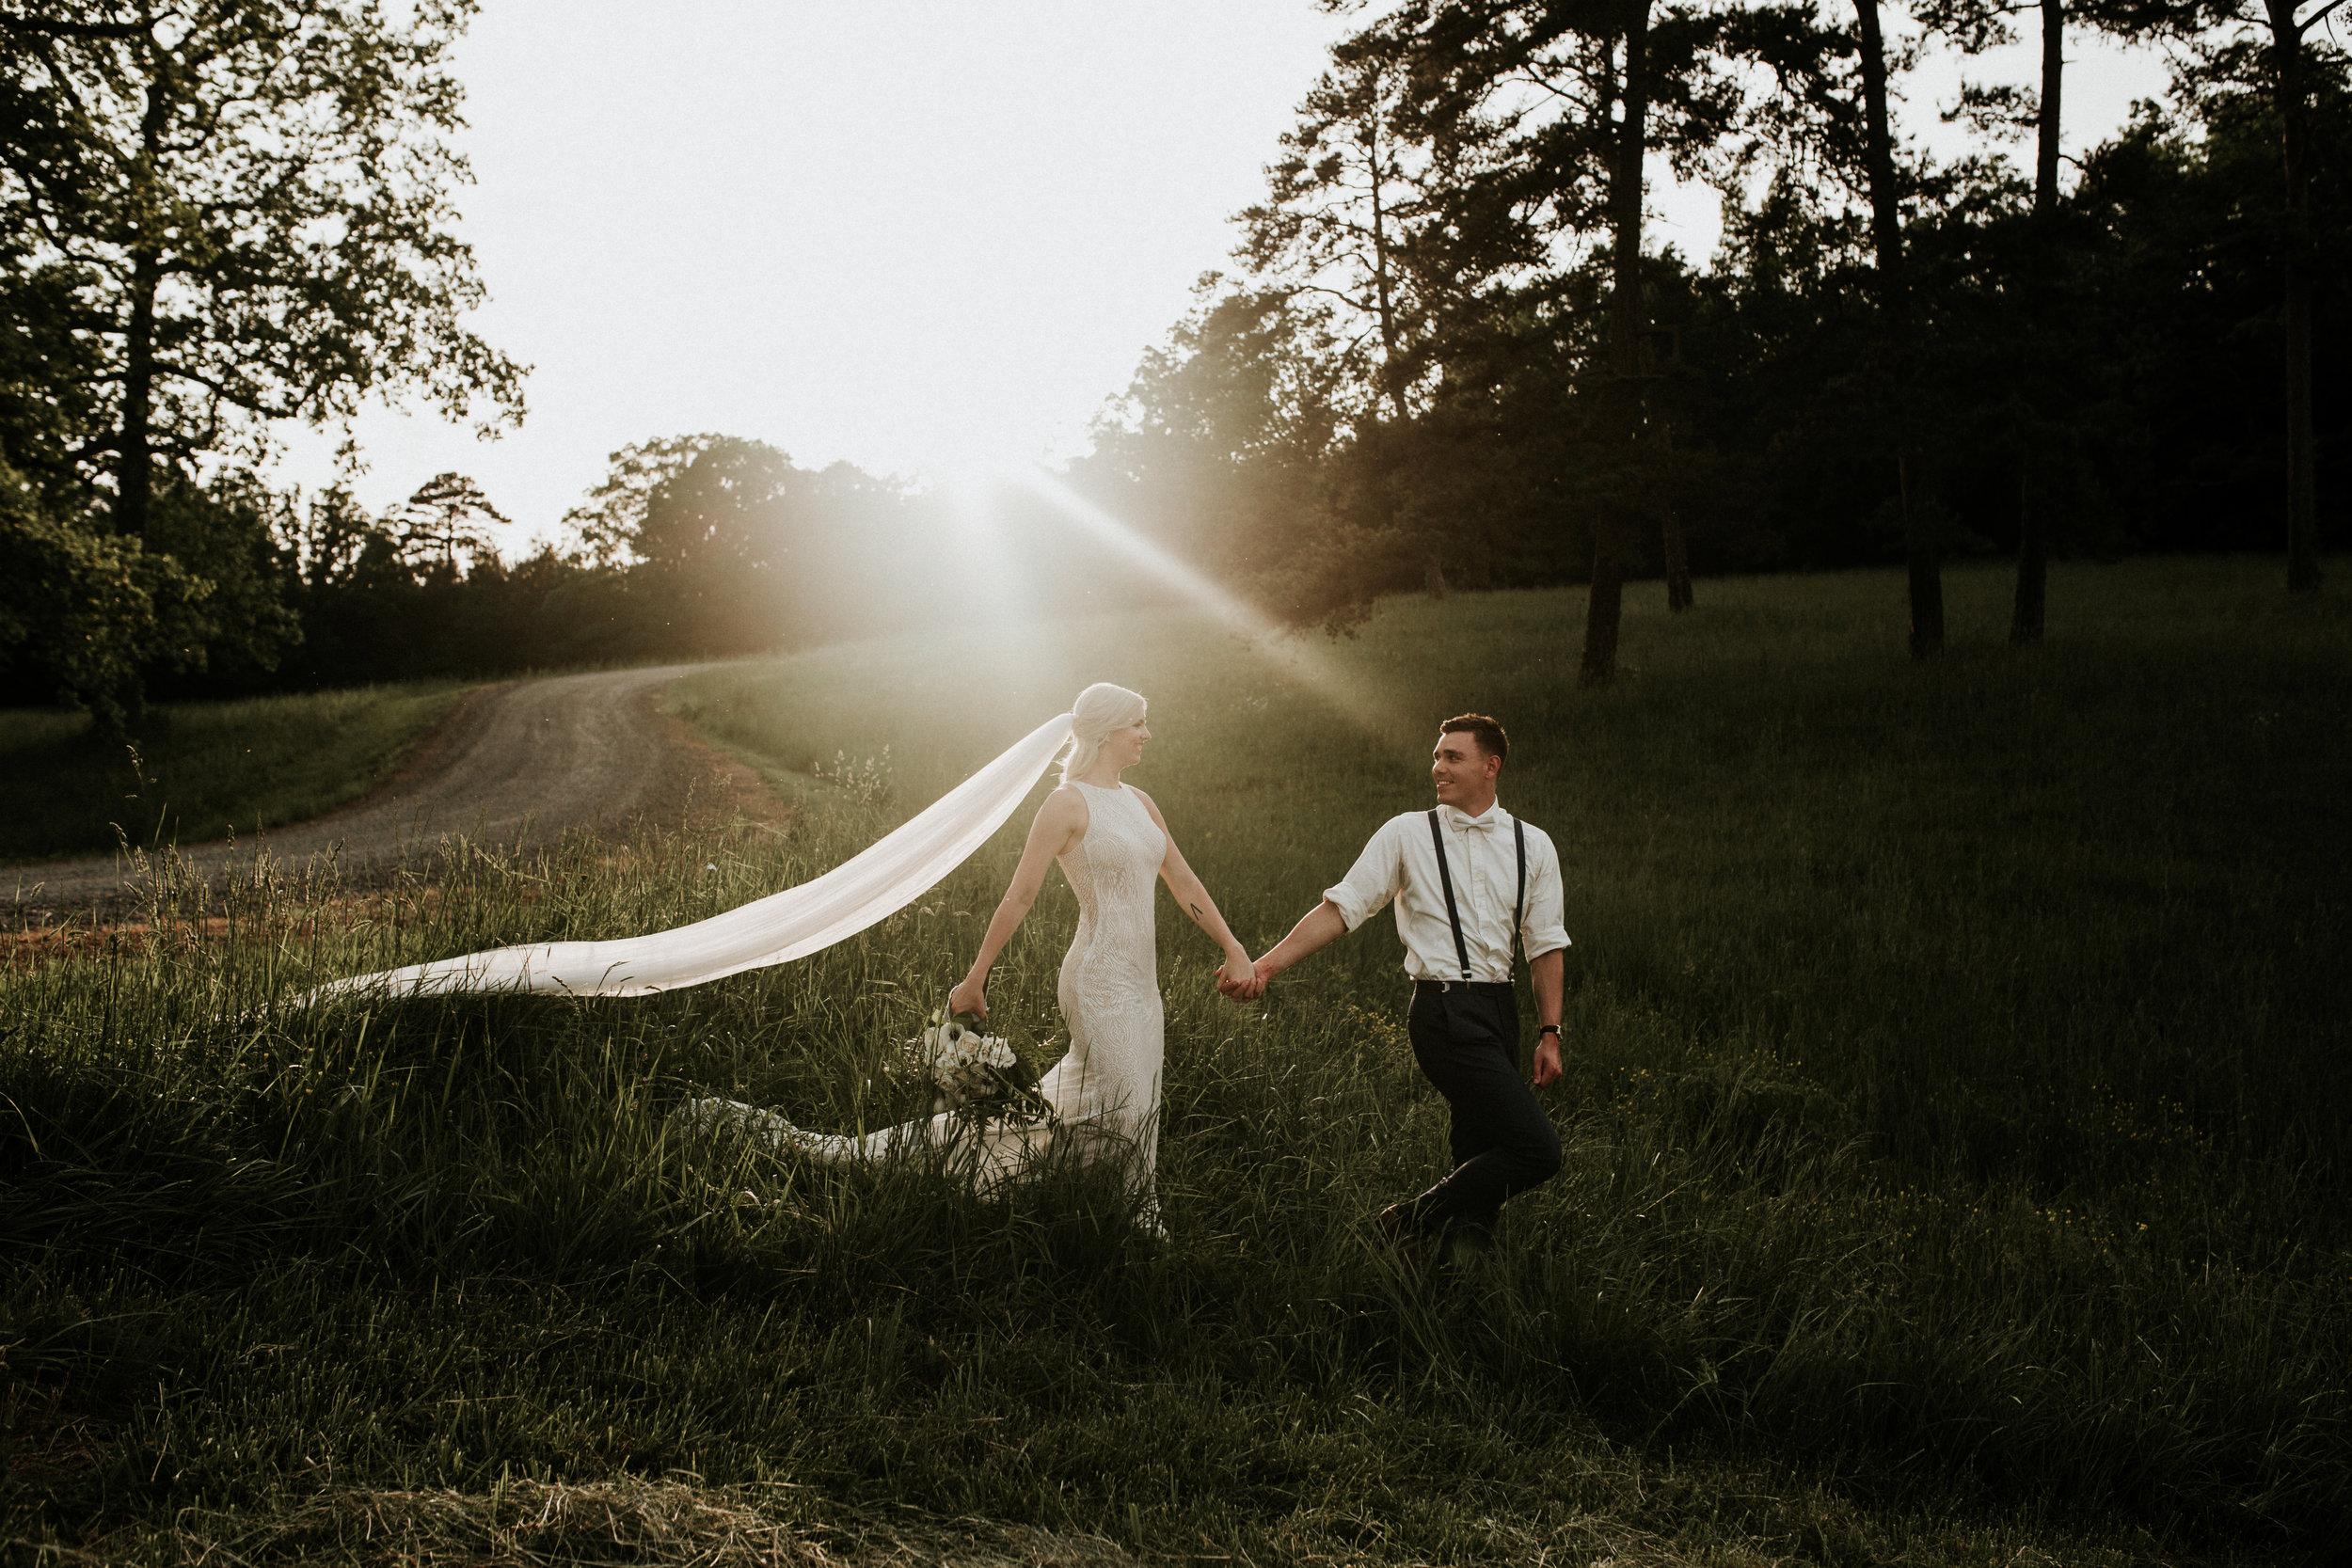 Photo Courtesy of Avonne Photography